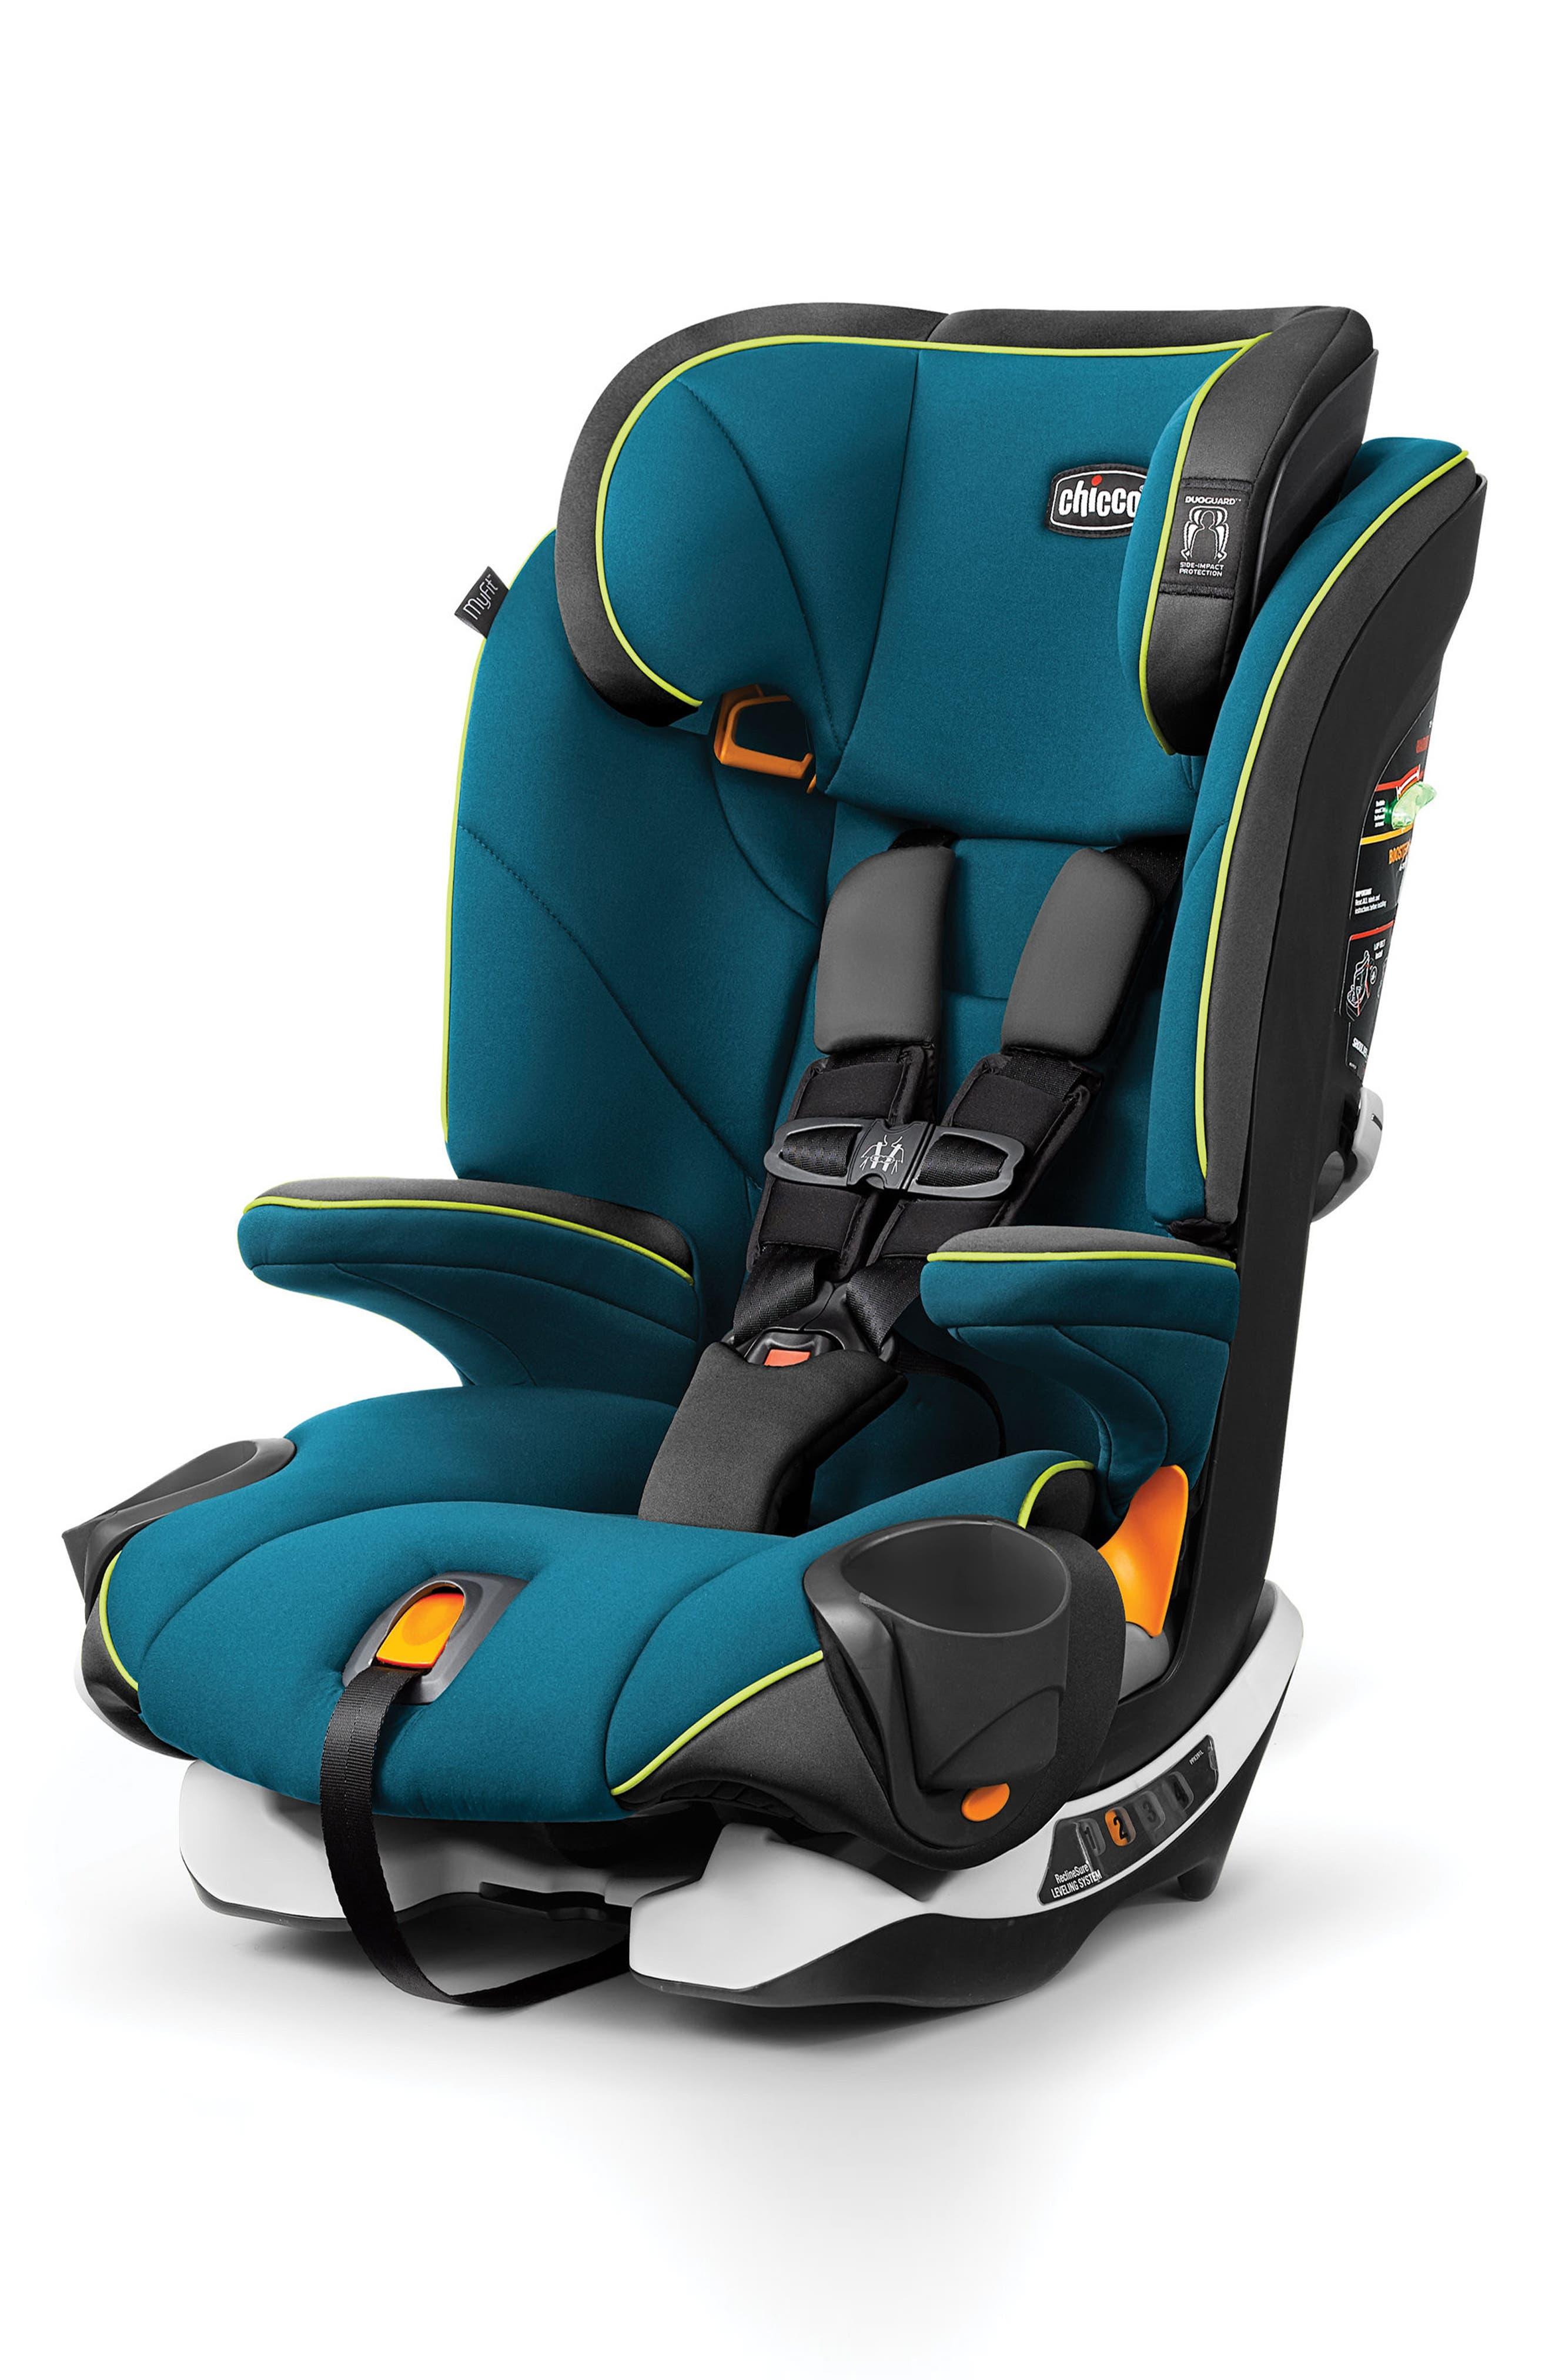 MyFit Convertible Harness + Booster Car Seat,                             Main thumbnail 1, color,                             LANAI